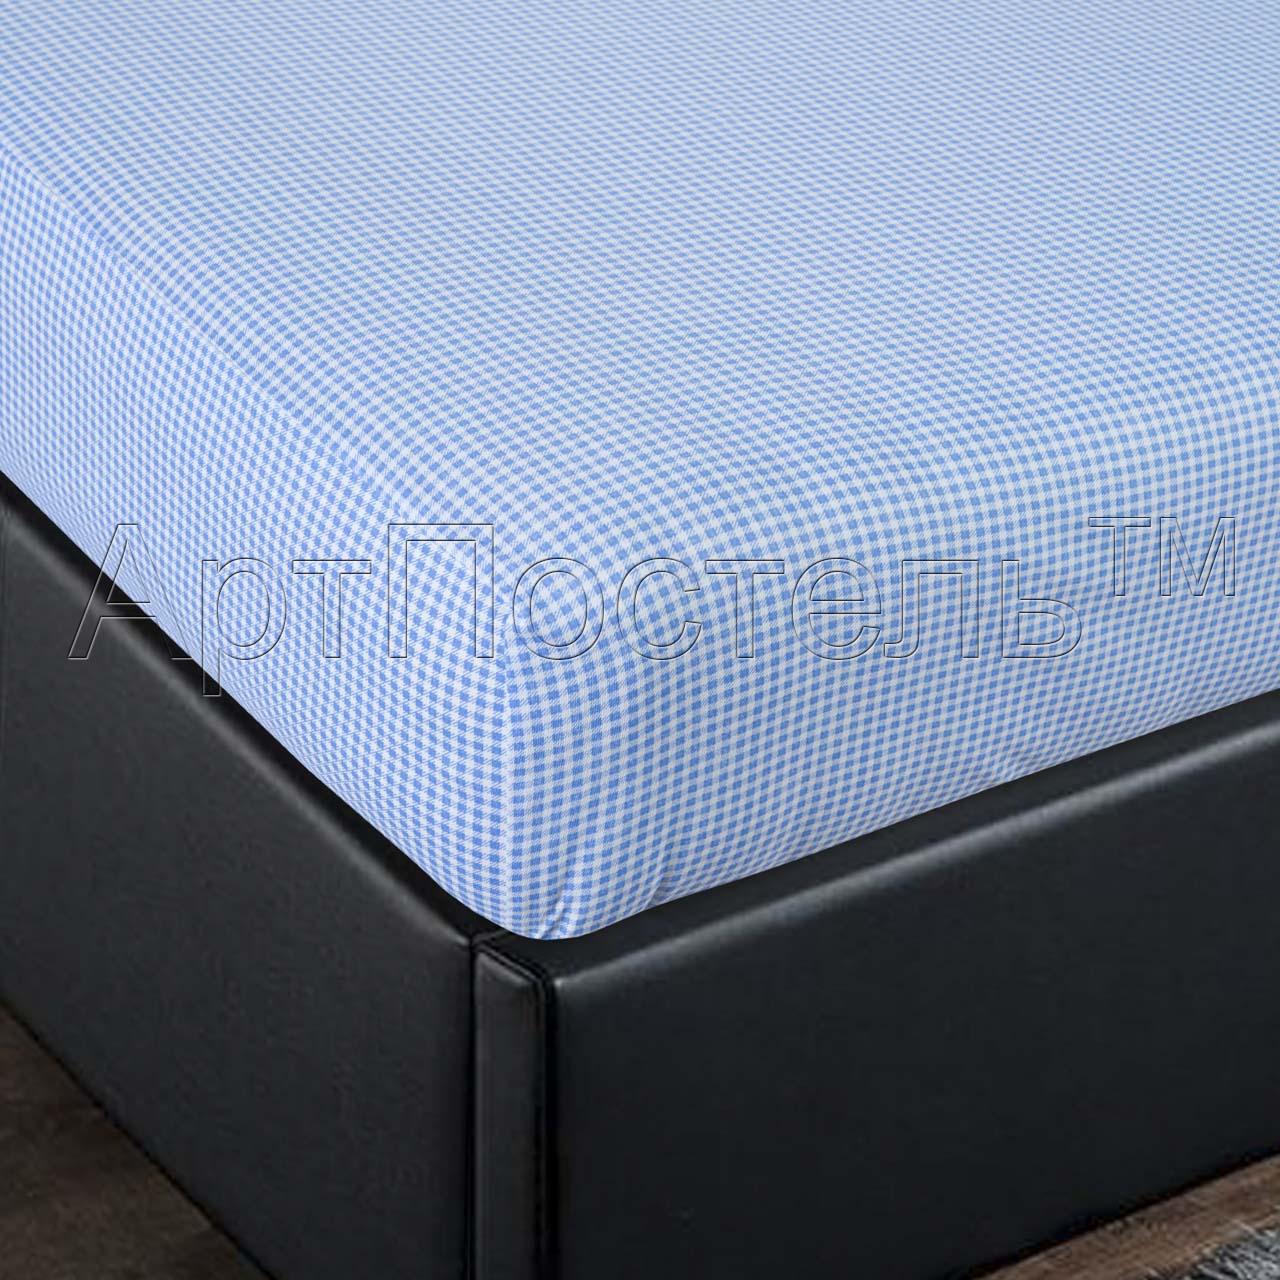 Простыня на резинке Клетка Синий, размер 200х200 смПростыни<br>Плотность ткани:145 г/кв. м<br>Высота матраса:20 см<br><br>Тип: Простыня<br>Размер: 200х200<br>Материал: Кулирка